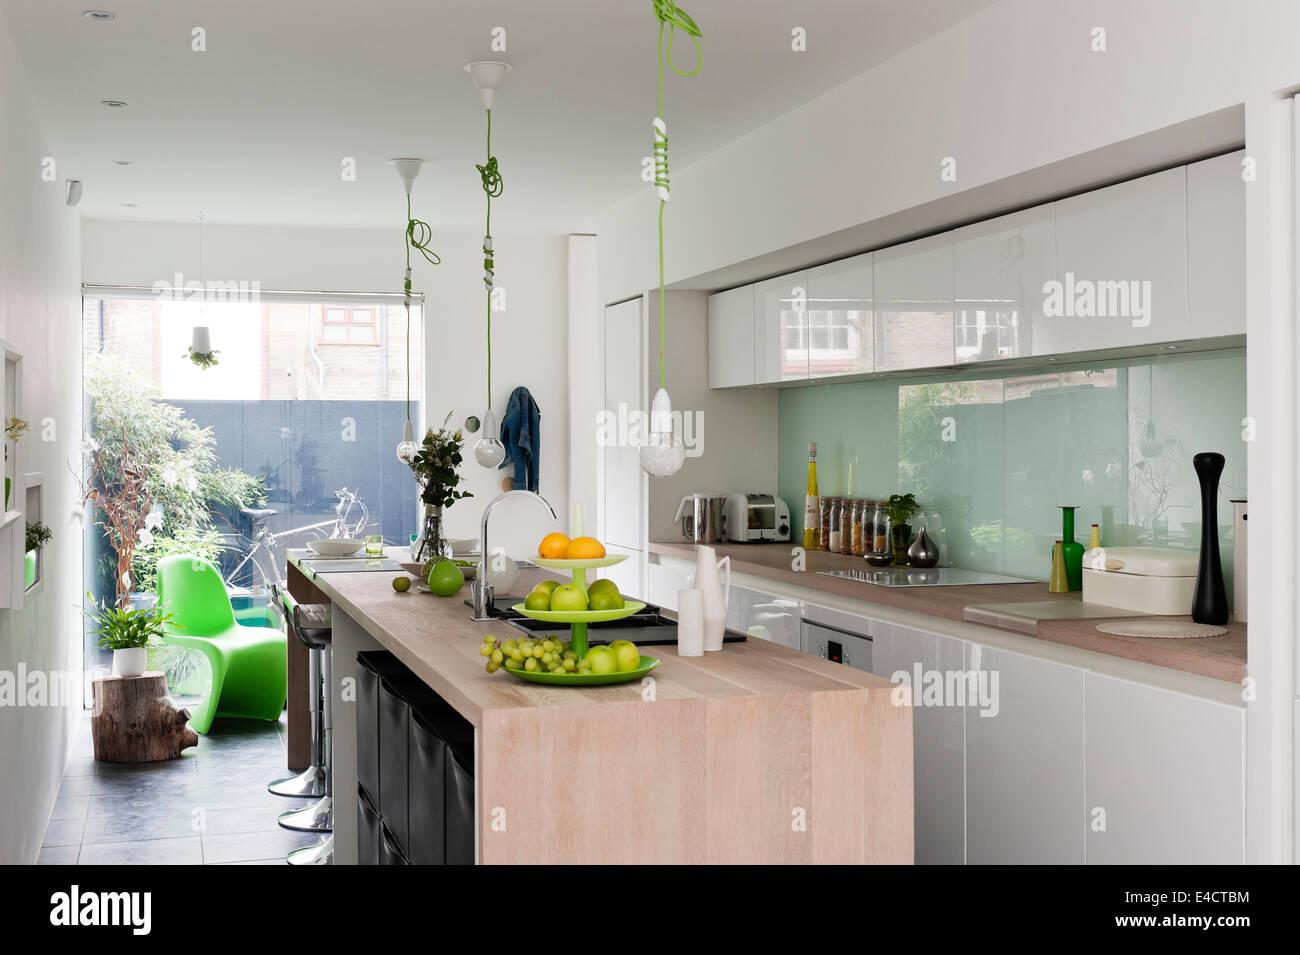 Cocina moderna de Beeck kuechen. Las luces son colgante con cable